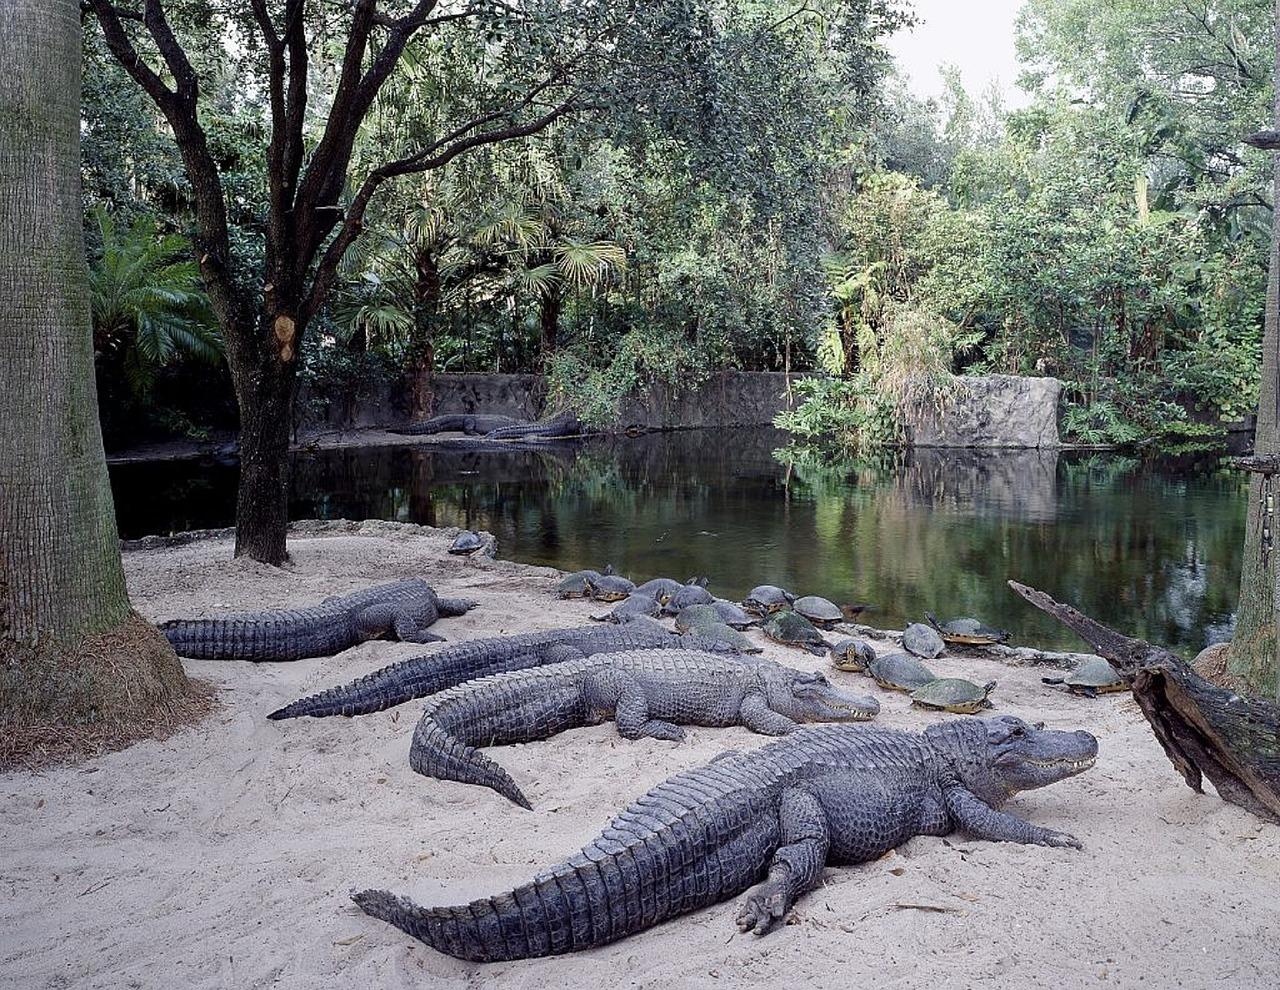 Busch Gardens Tampa Bay Alligators